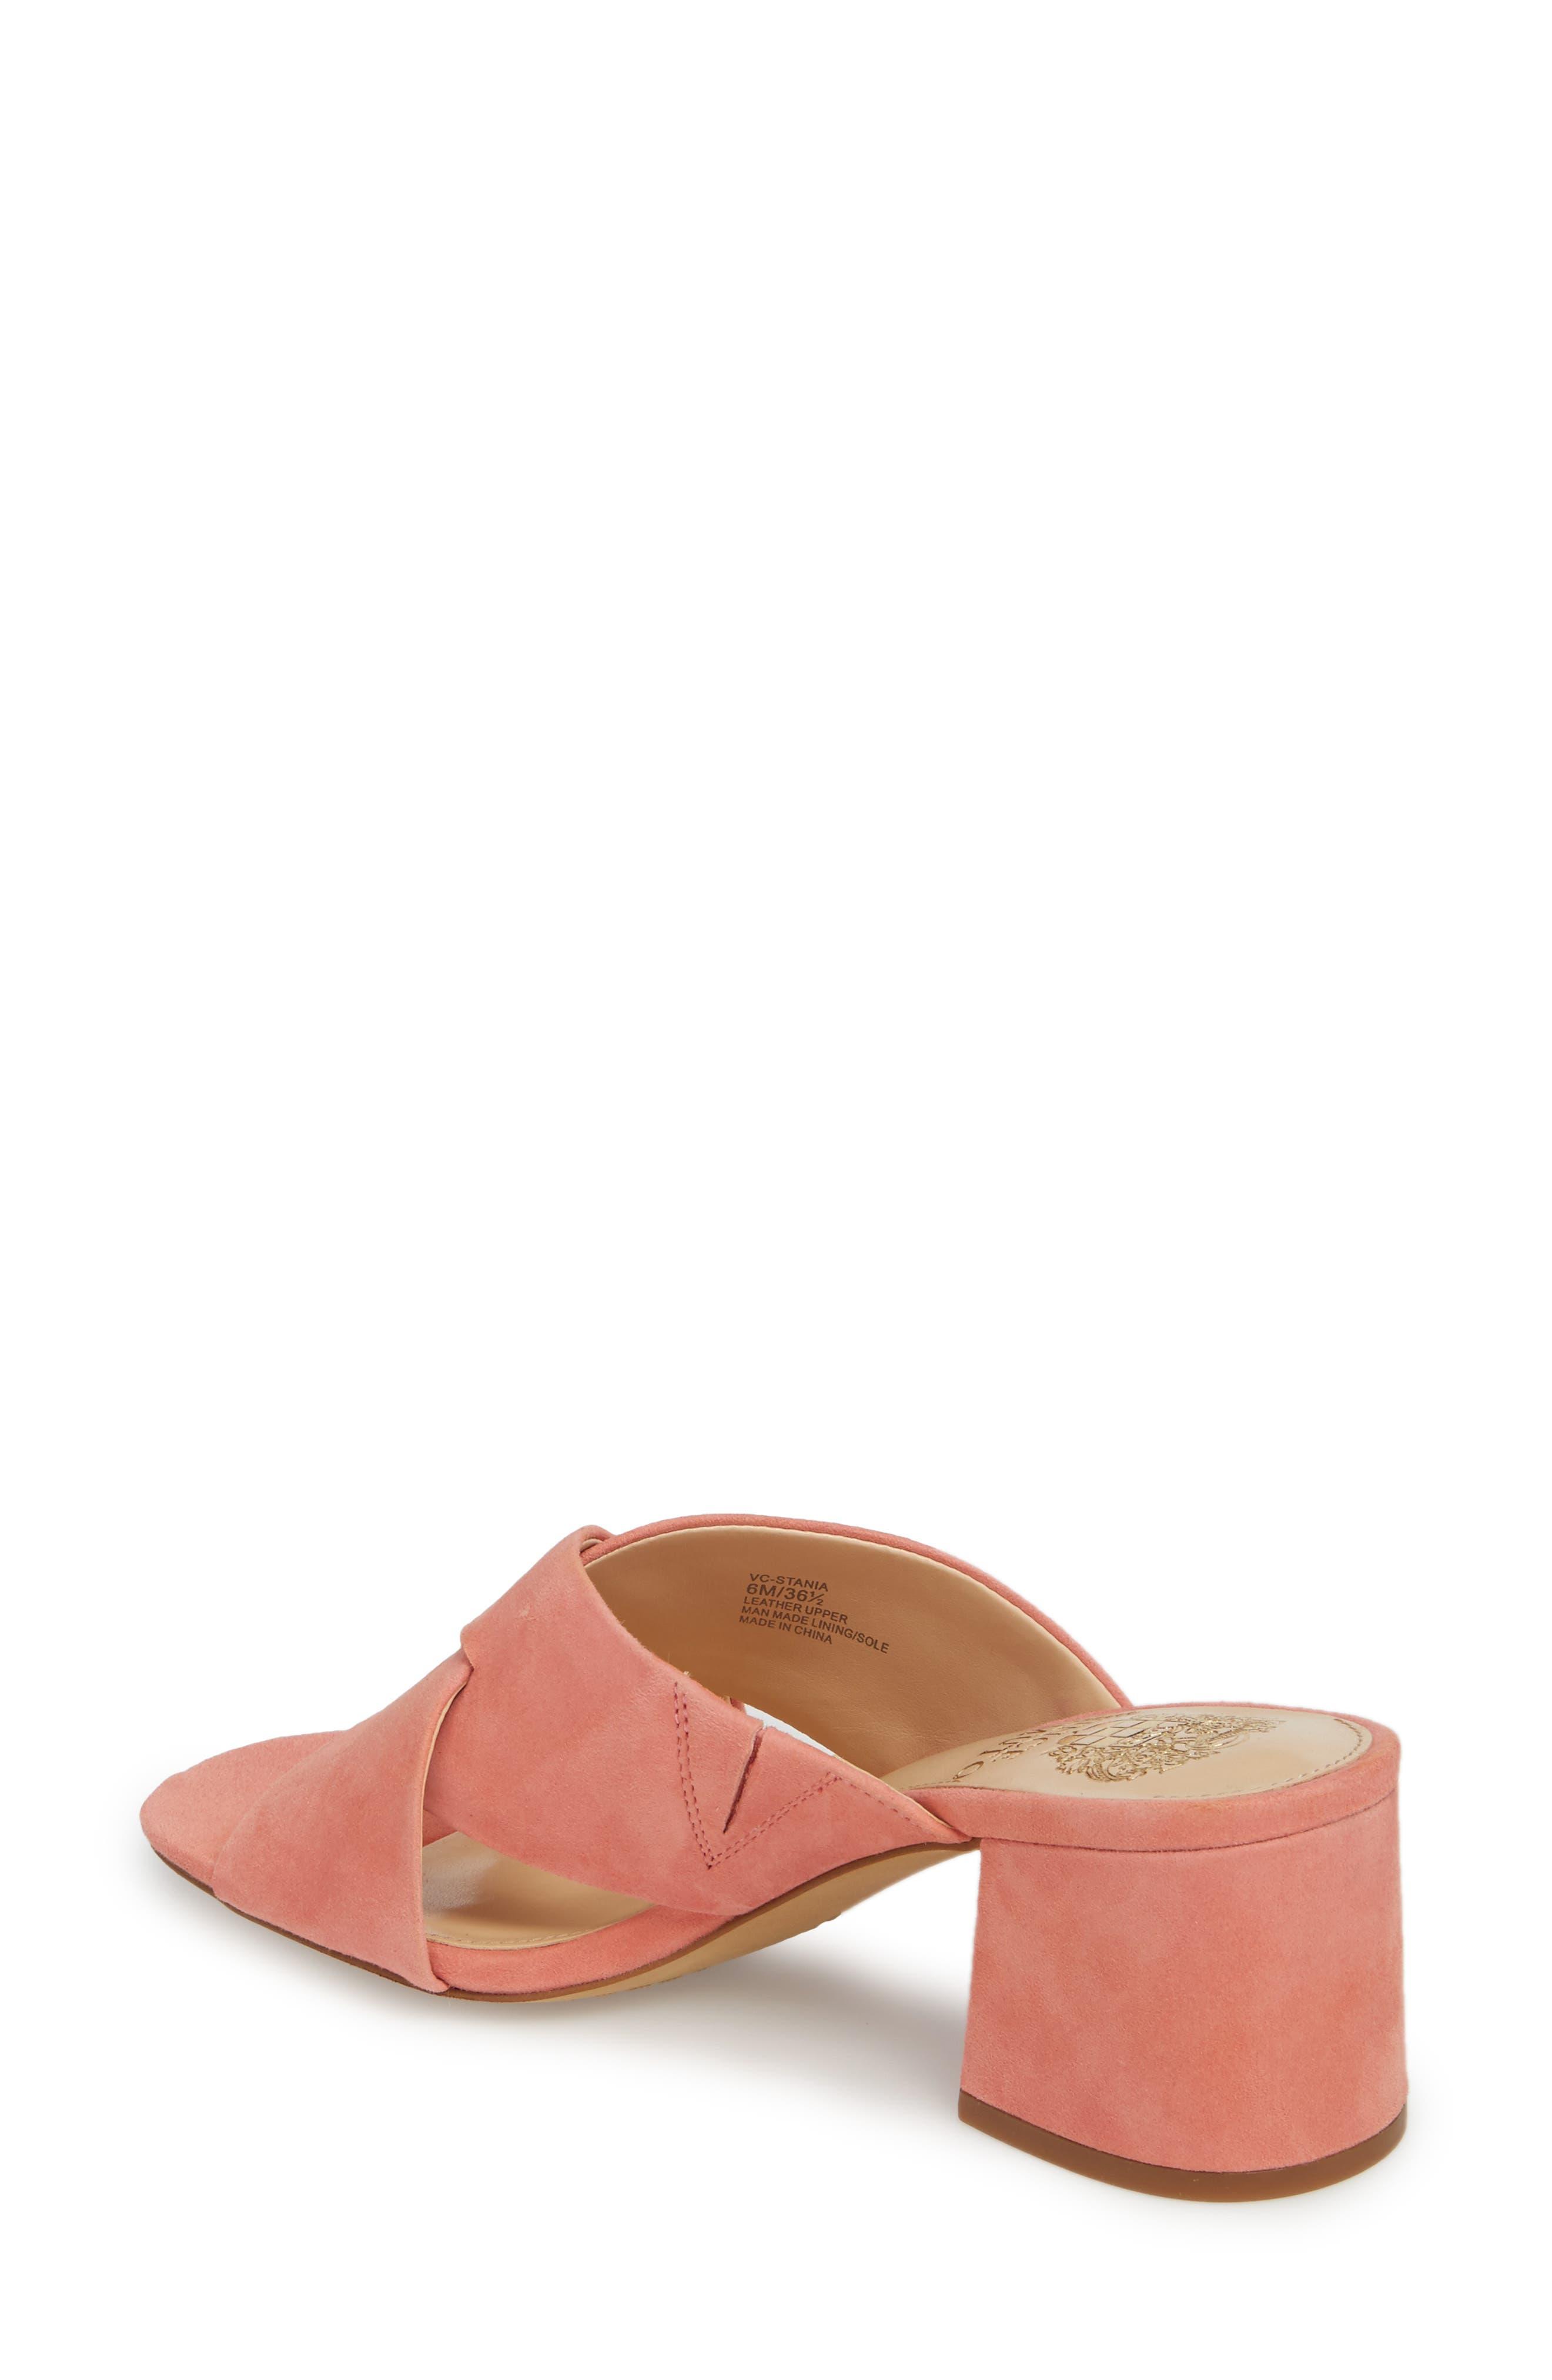 Stania Sandal,                             Alternate thumbnail 2, color,                             Fancy Flamingo Suede